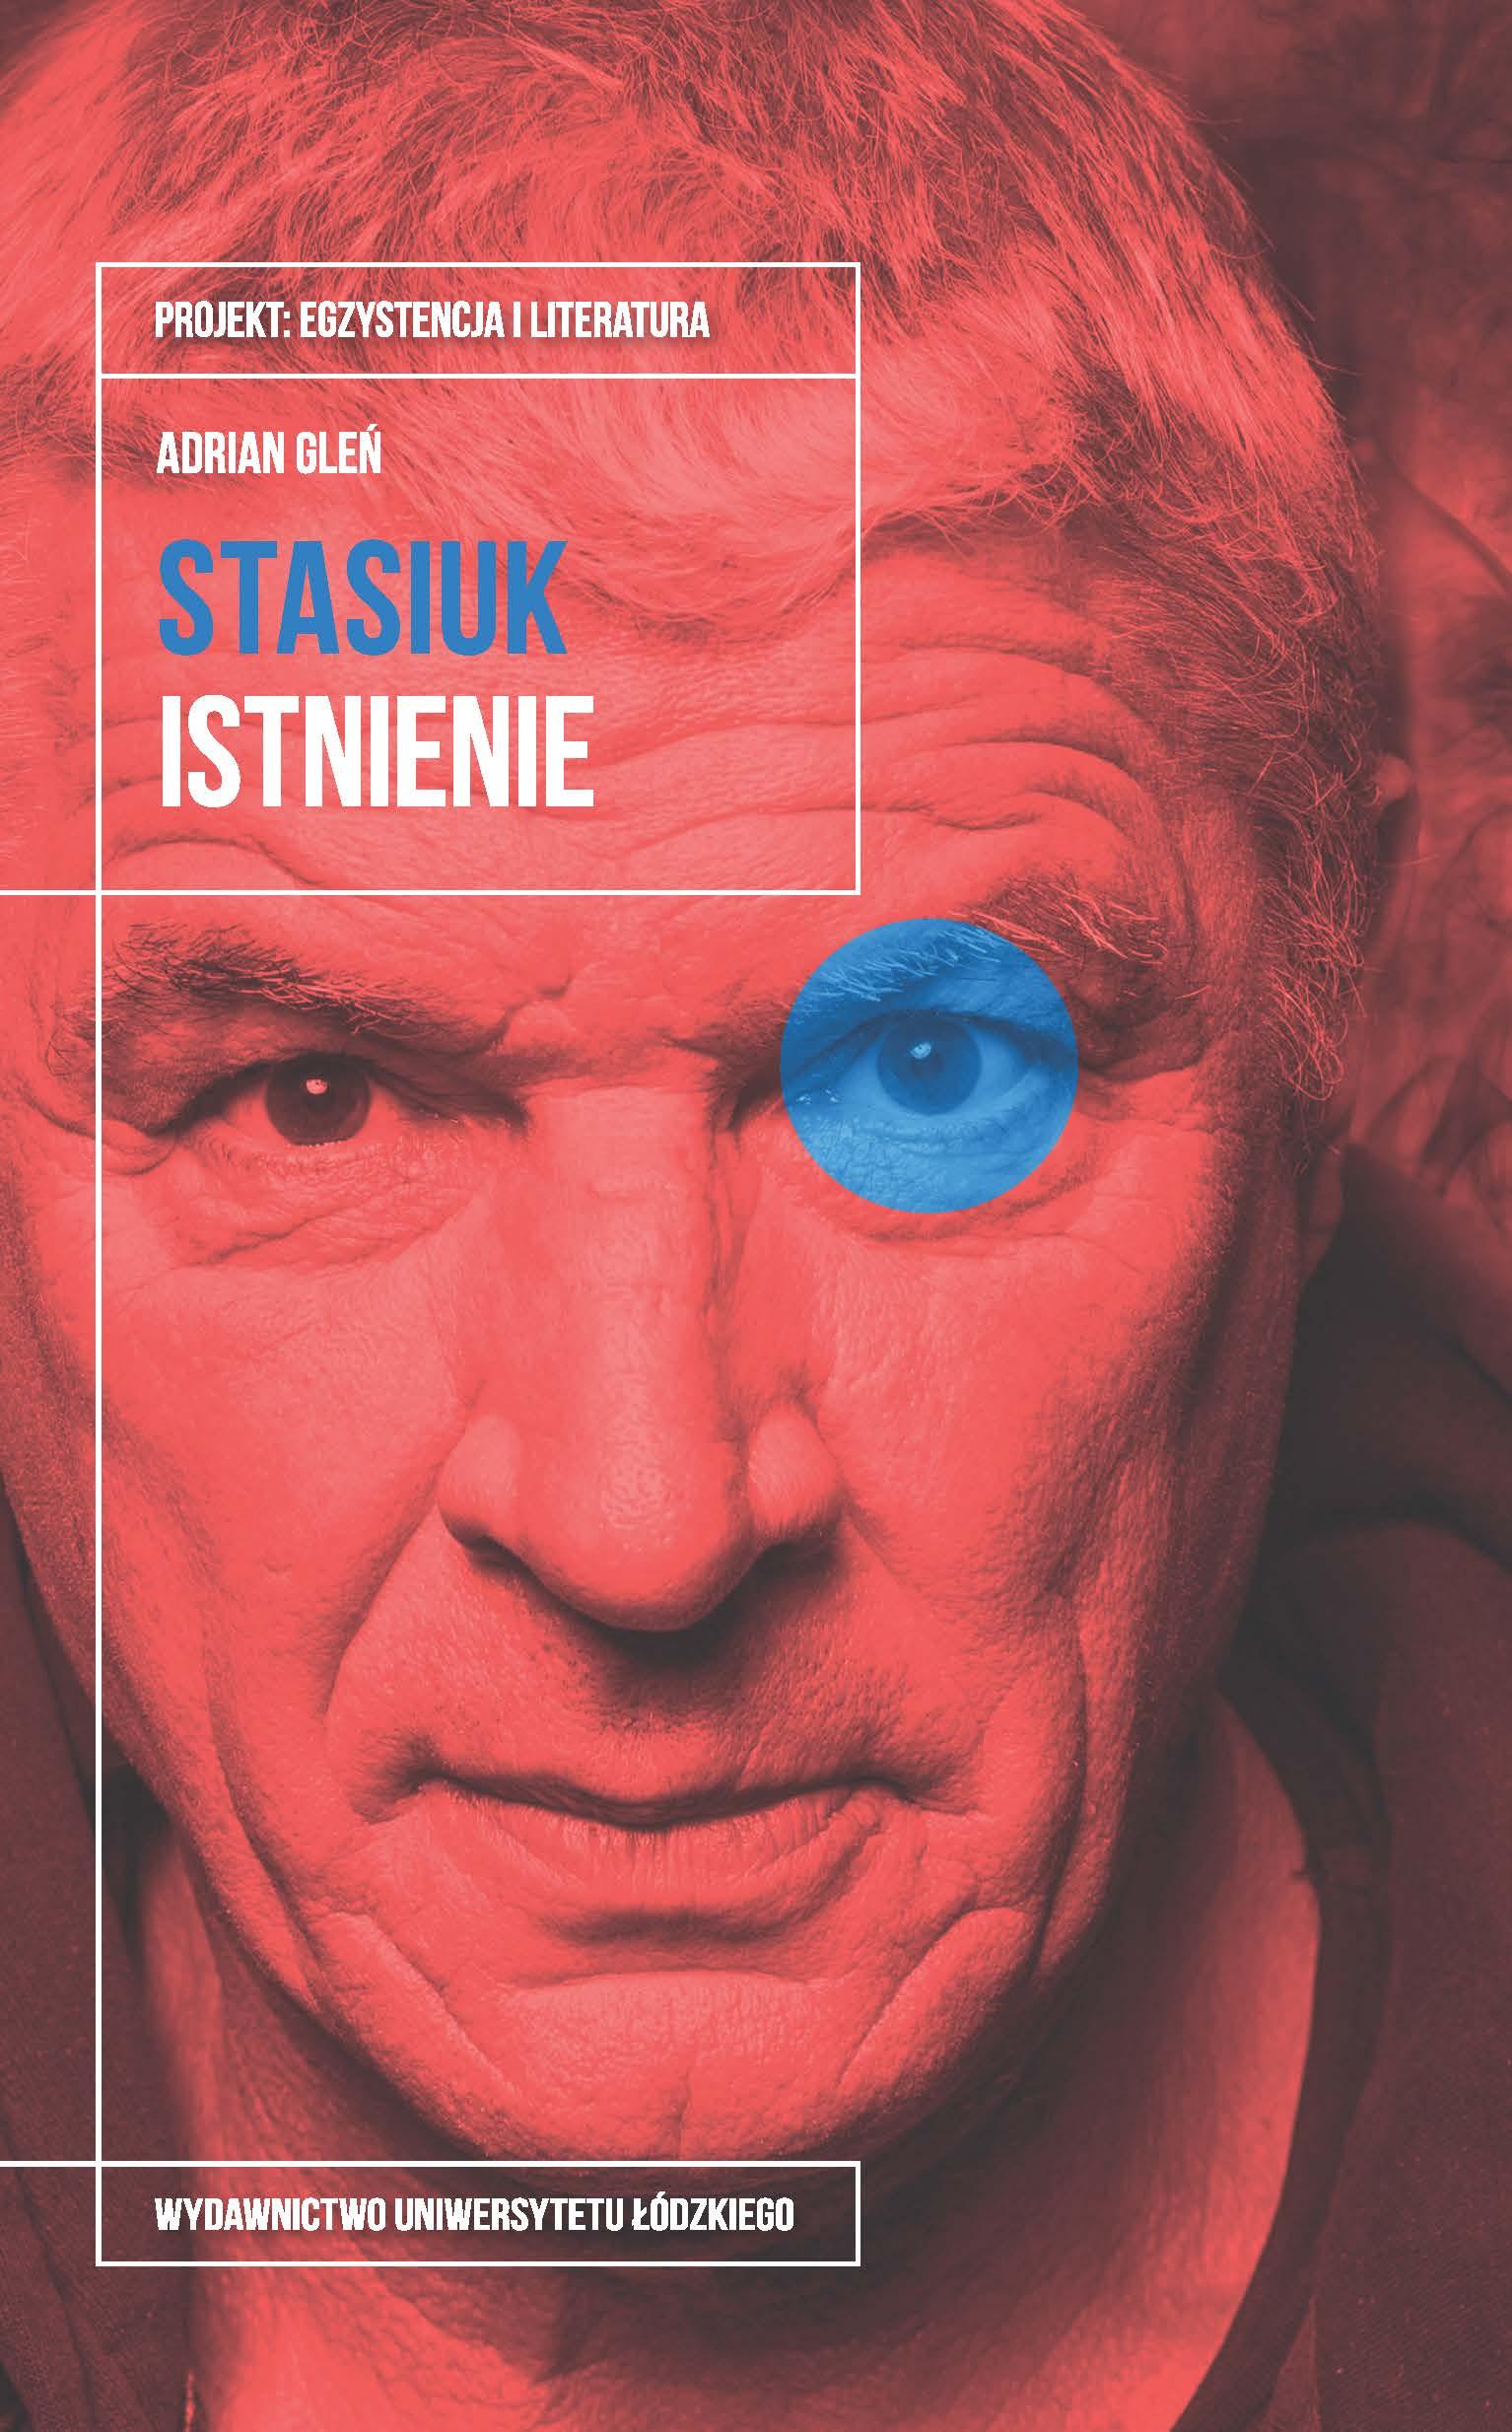 Adrian Gleń – Stasiuk. Istnienie